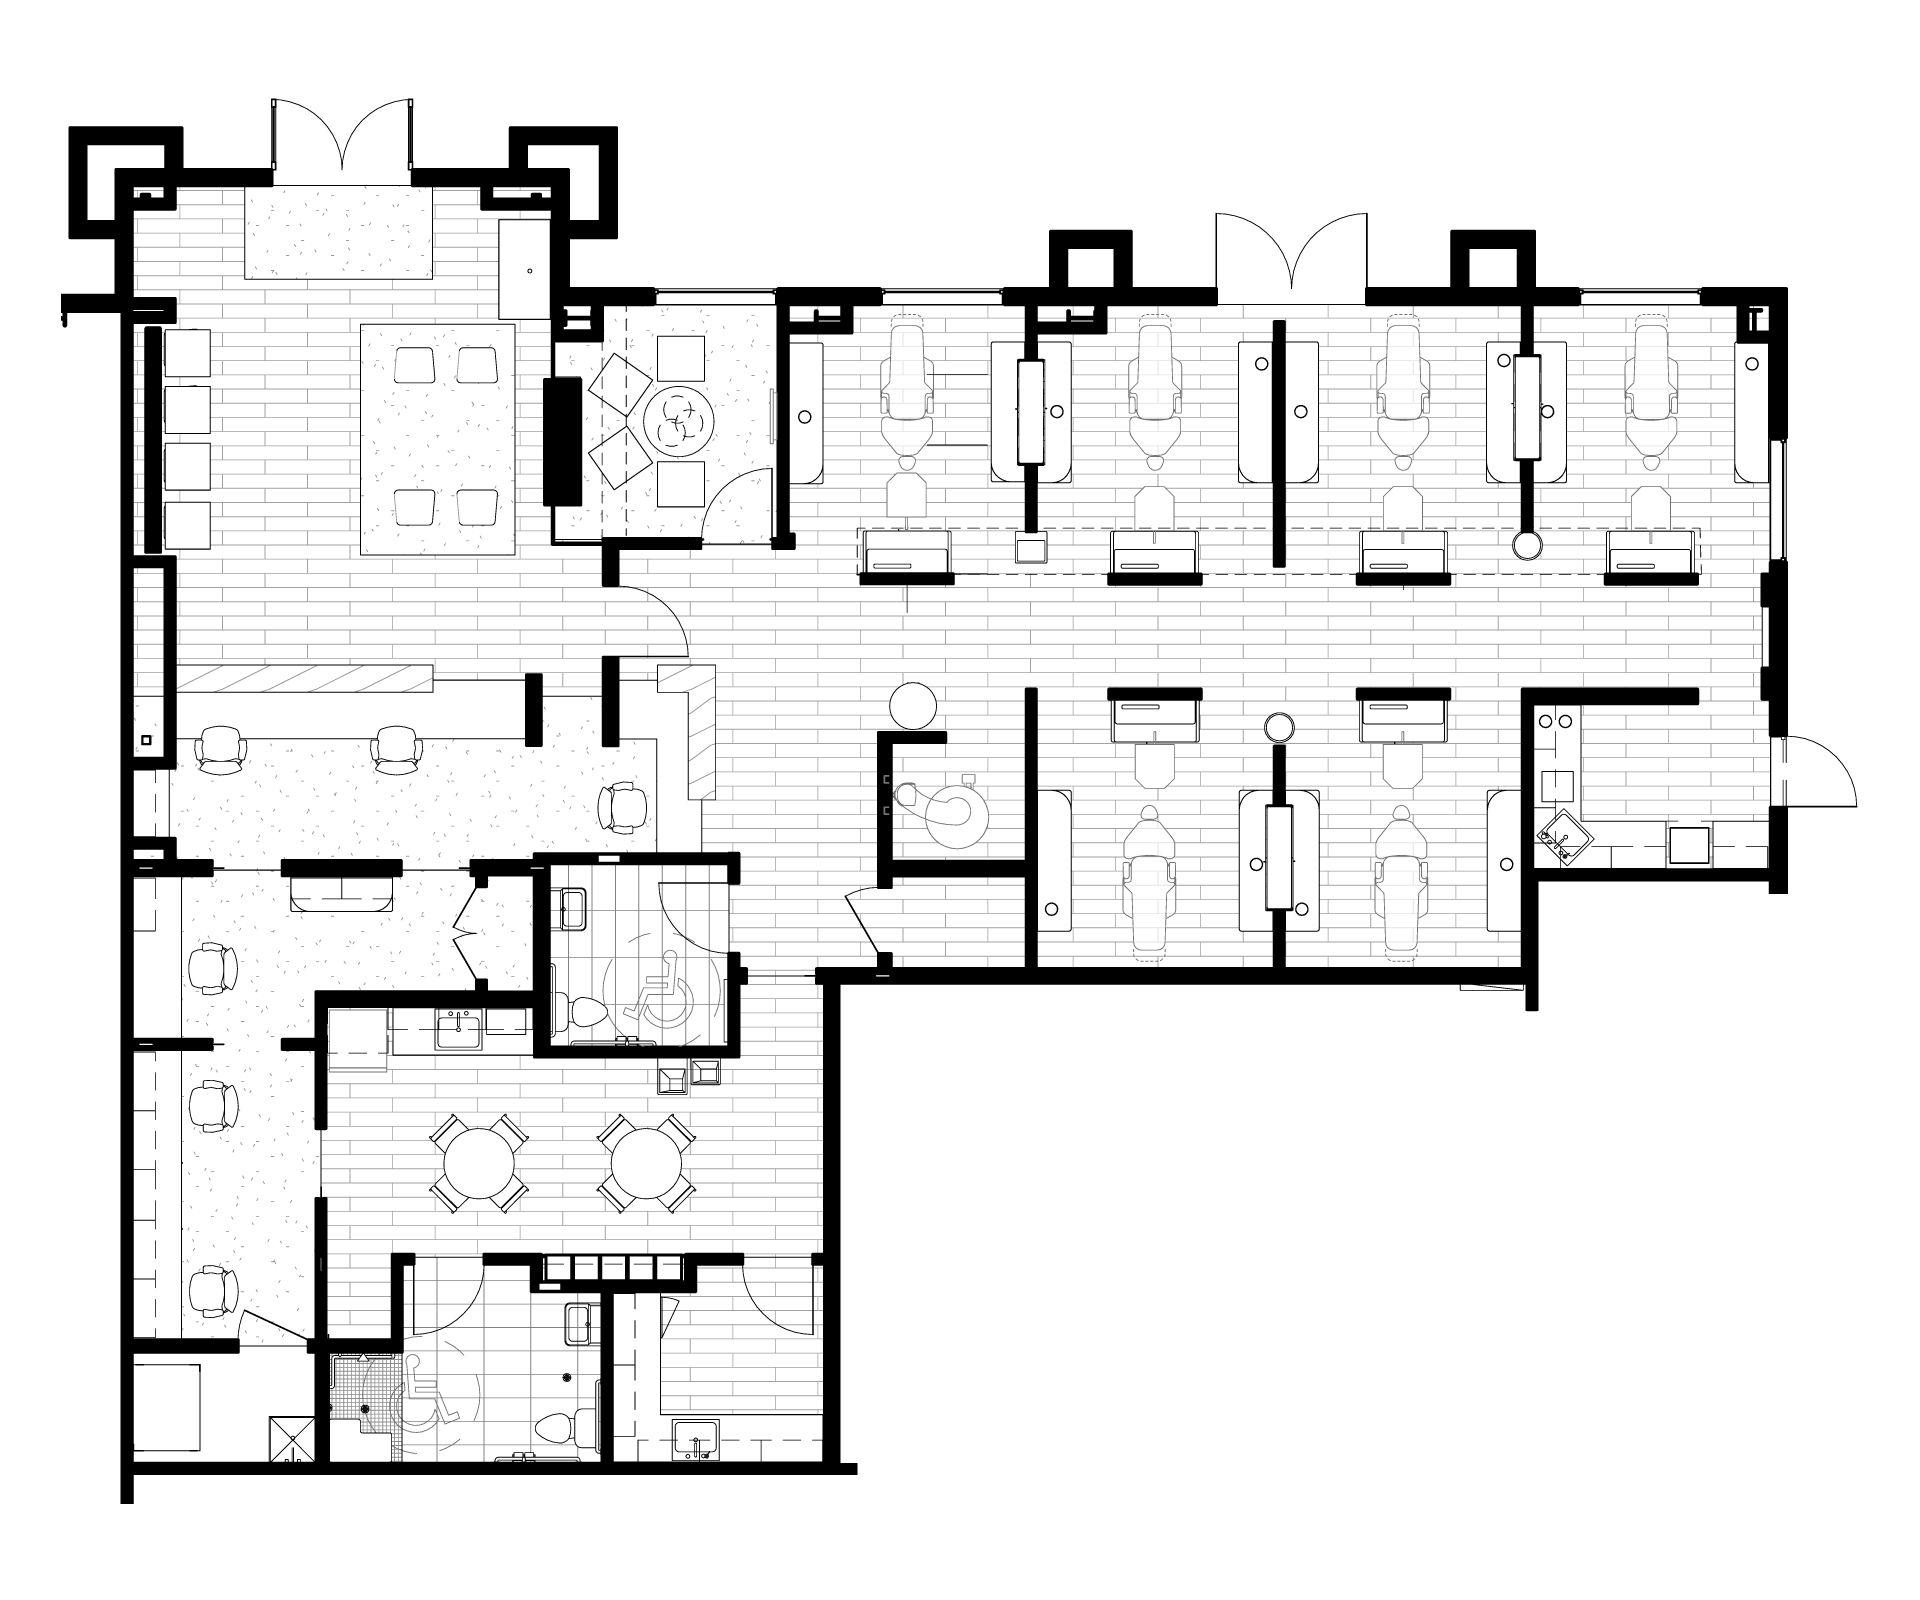 Dentistry at Golden Ridge - Floor Plan